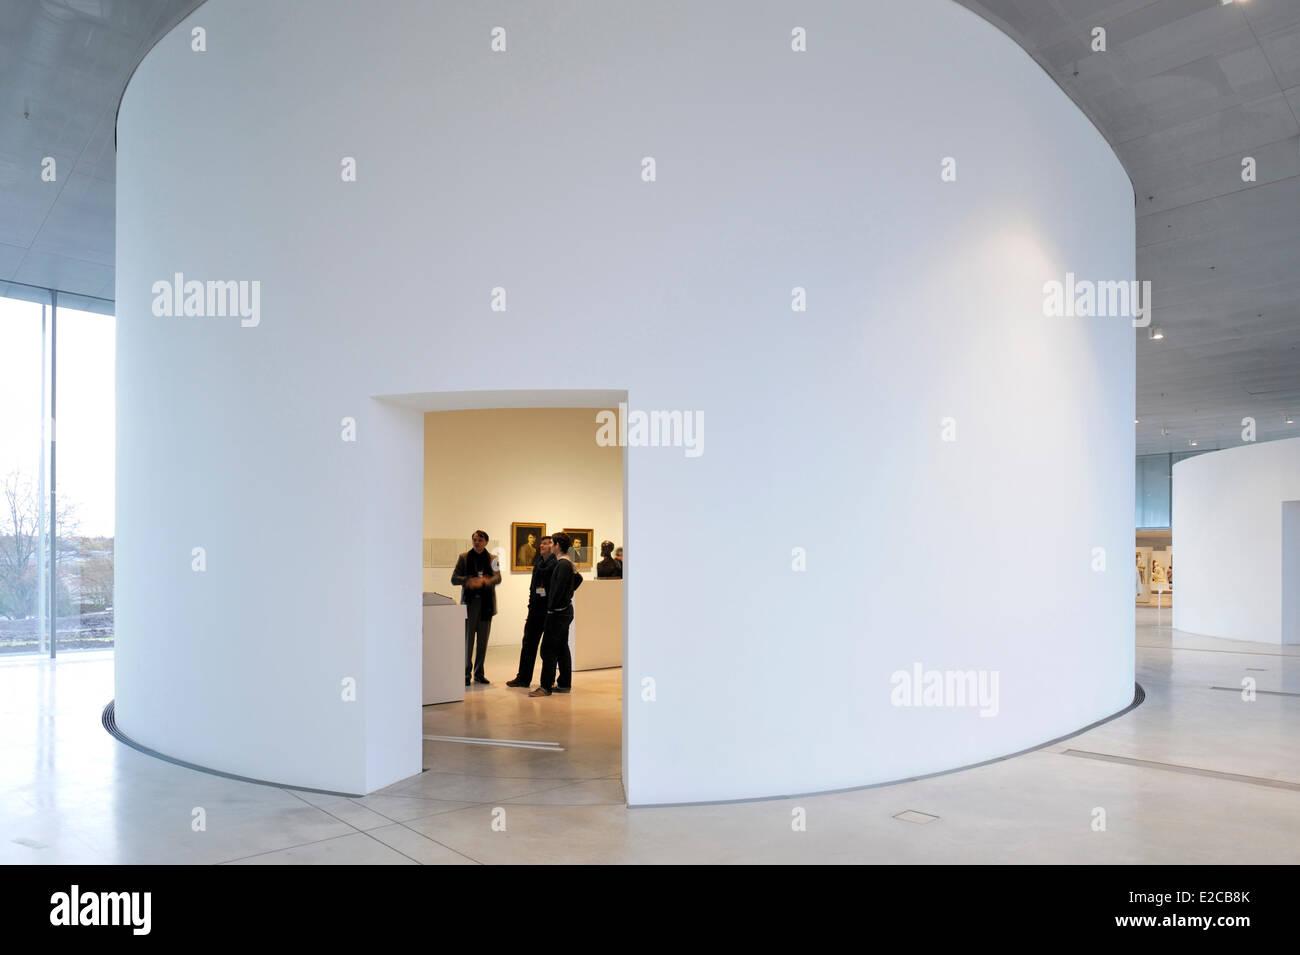 France pas de calais lens lens louvre museum designed by sanaa